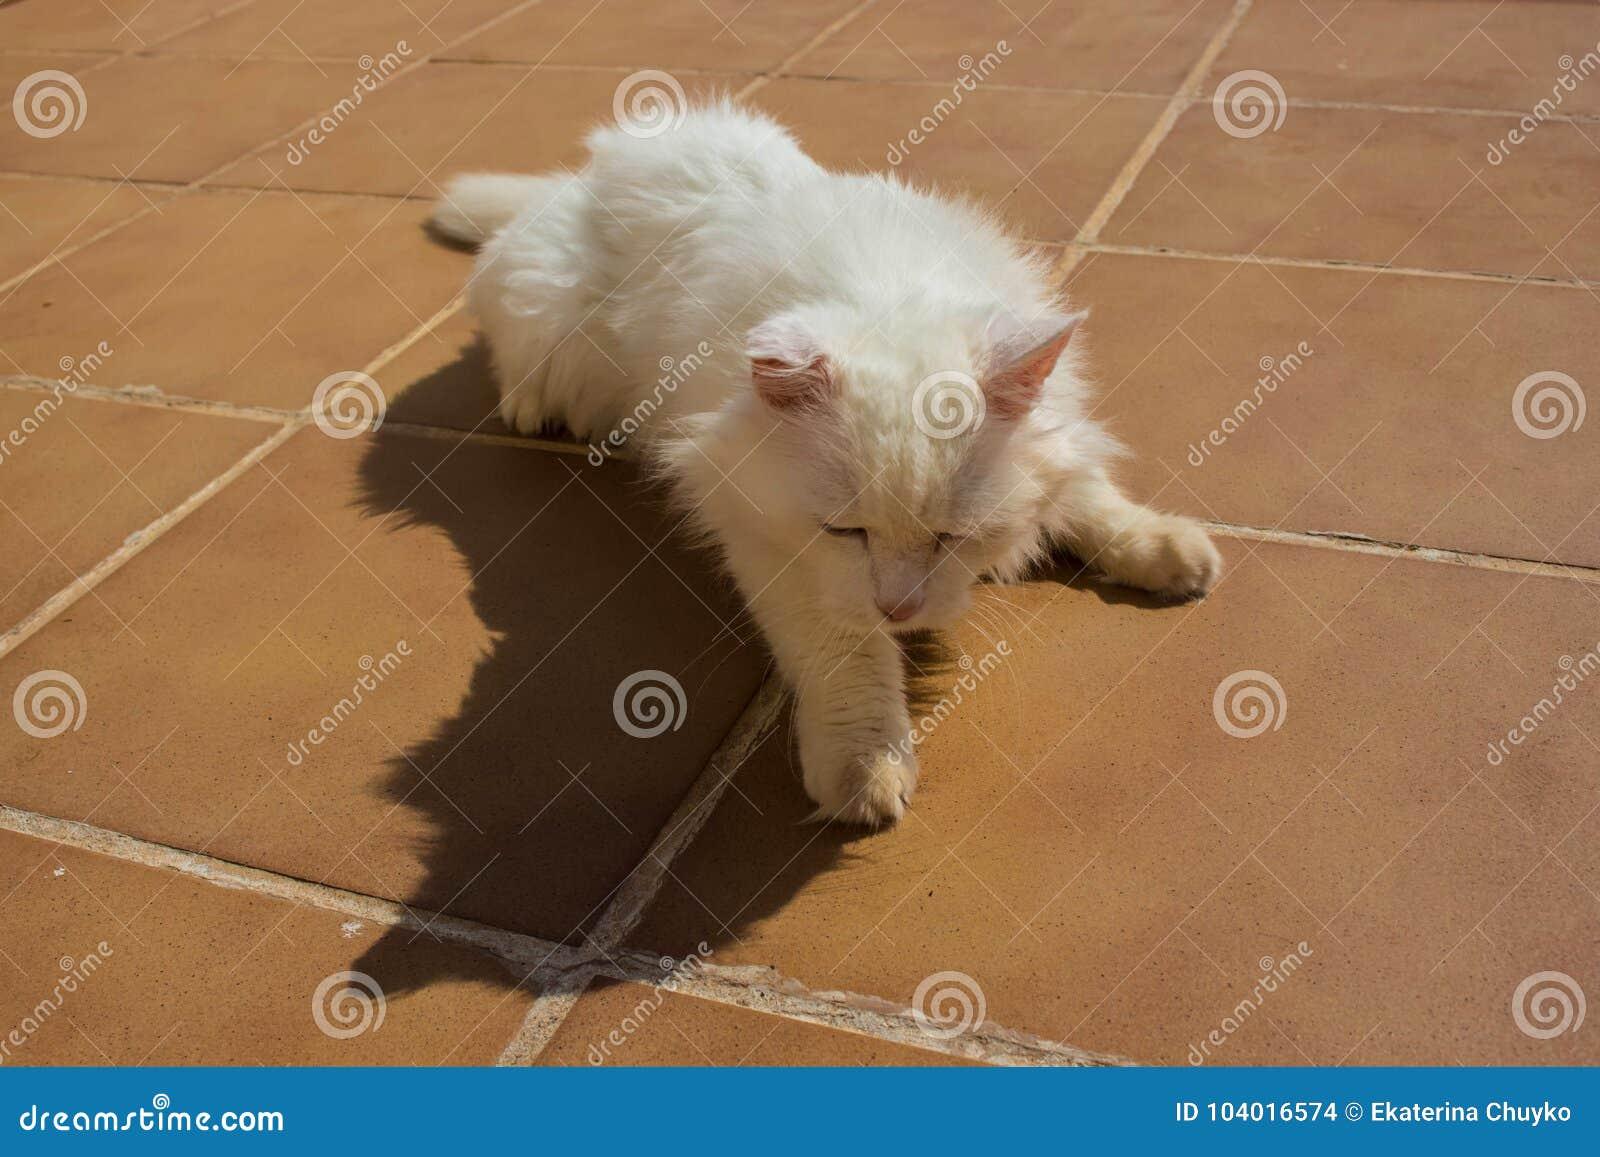 Turkish Angora White Cat Stock Photo Image Of Kitten 104016574